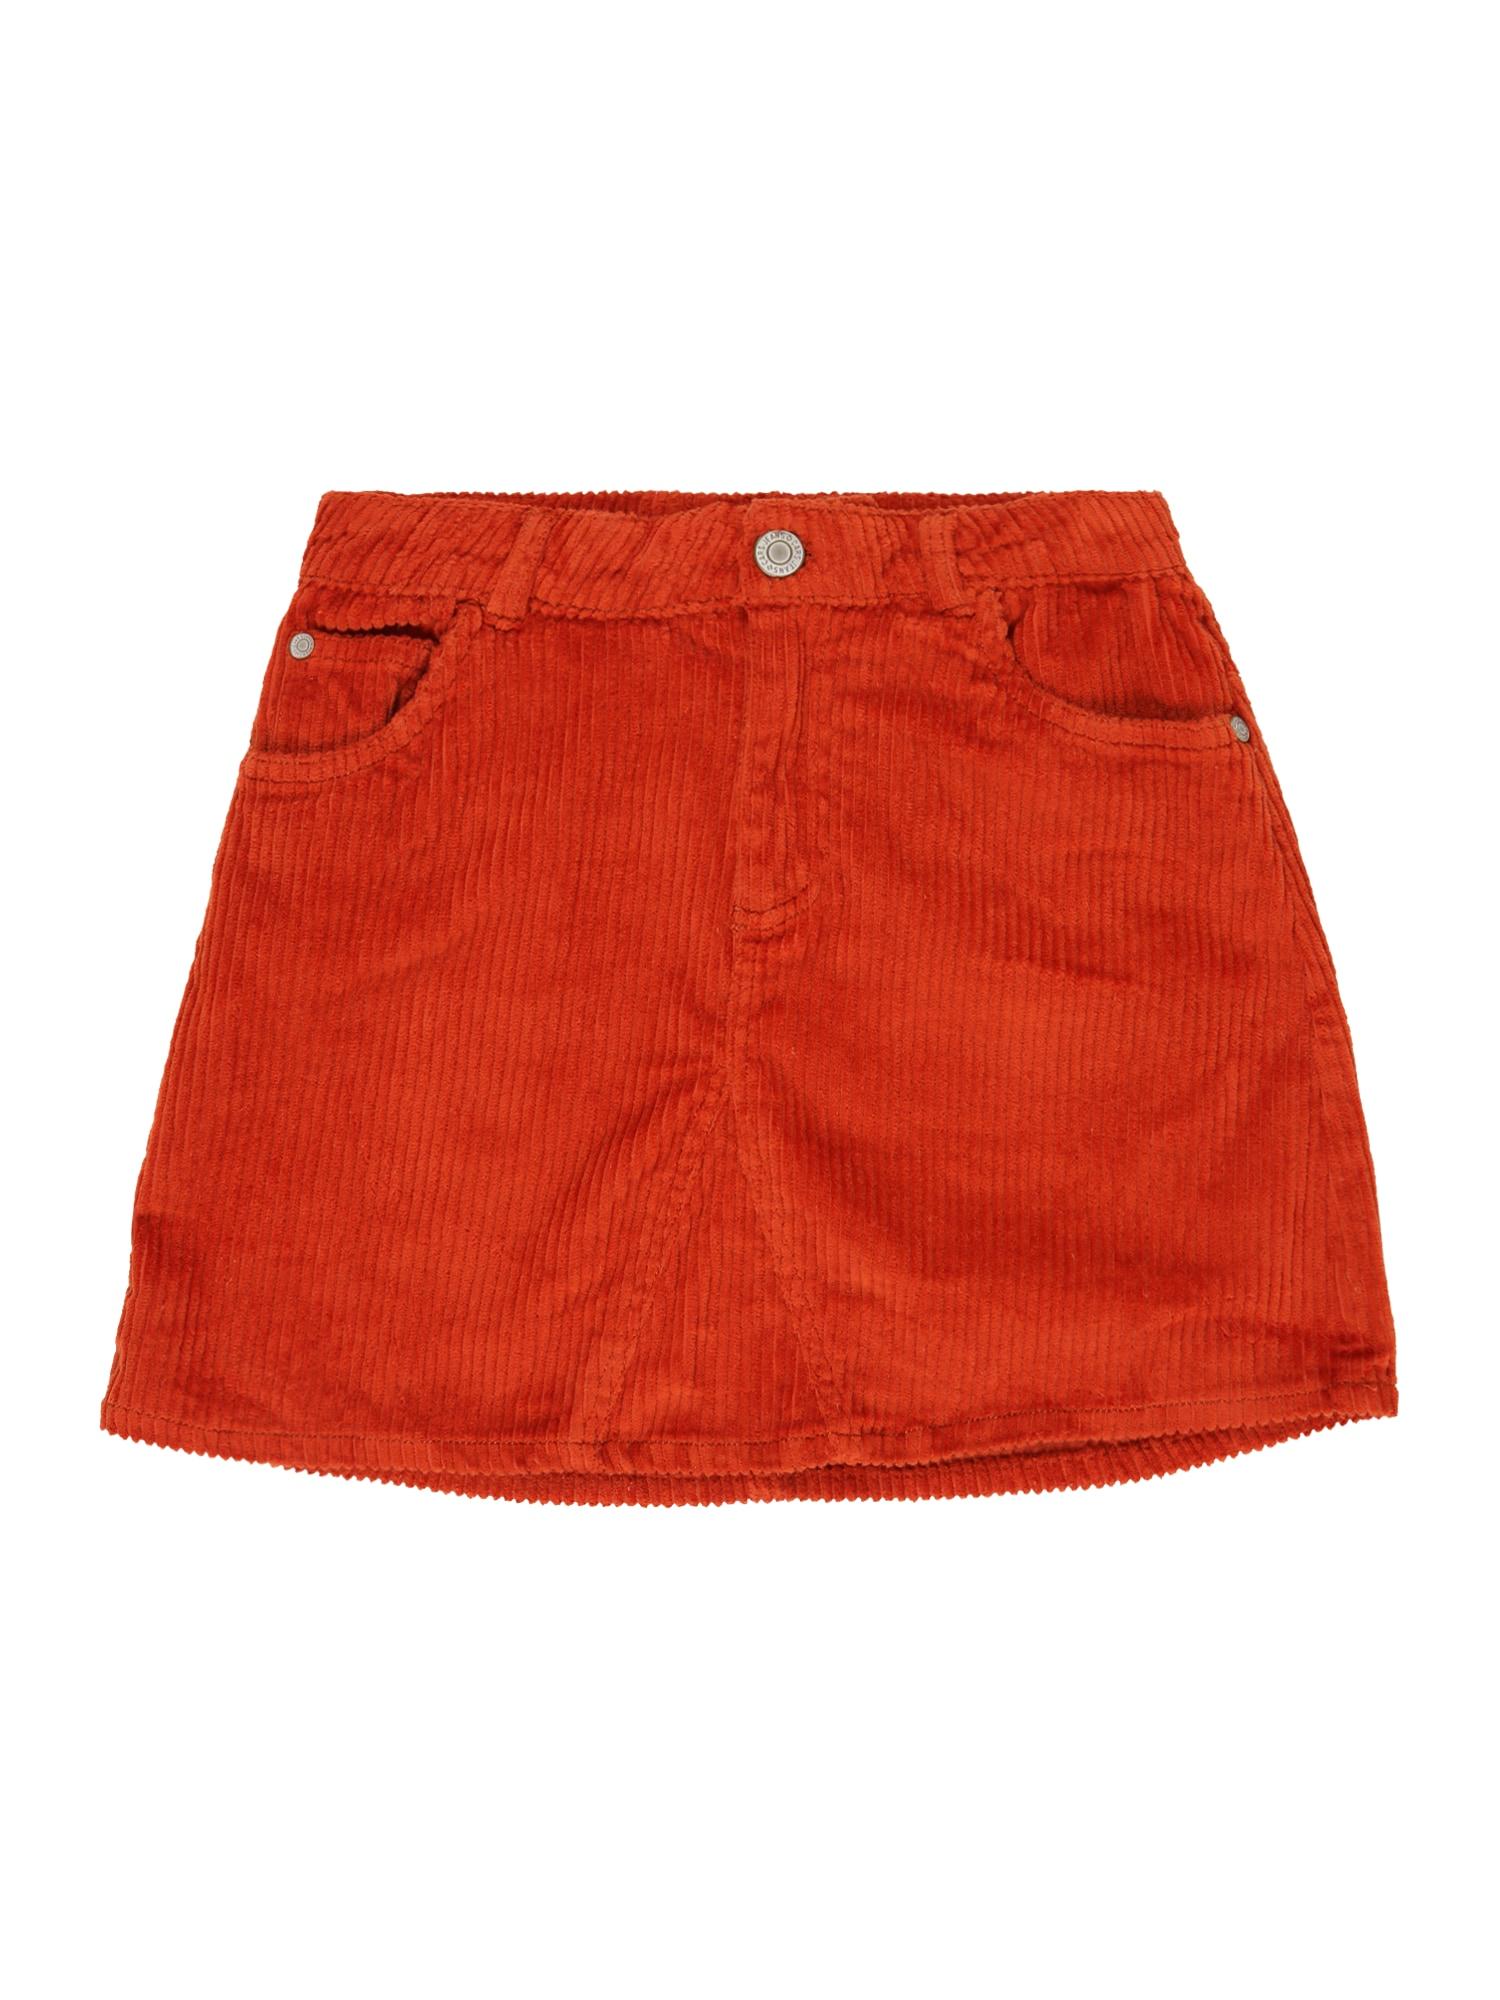 Cars Jeans Sijonas 'Marin' oranžinė-raudona